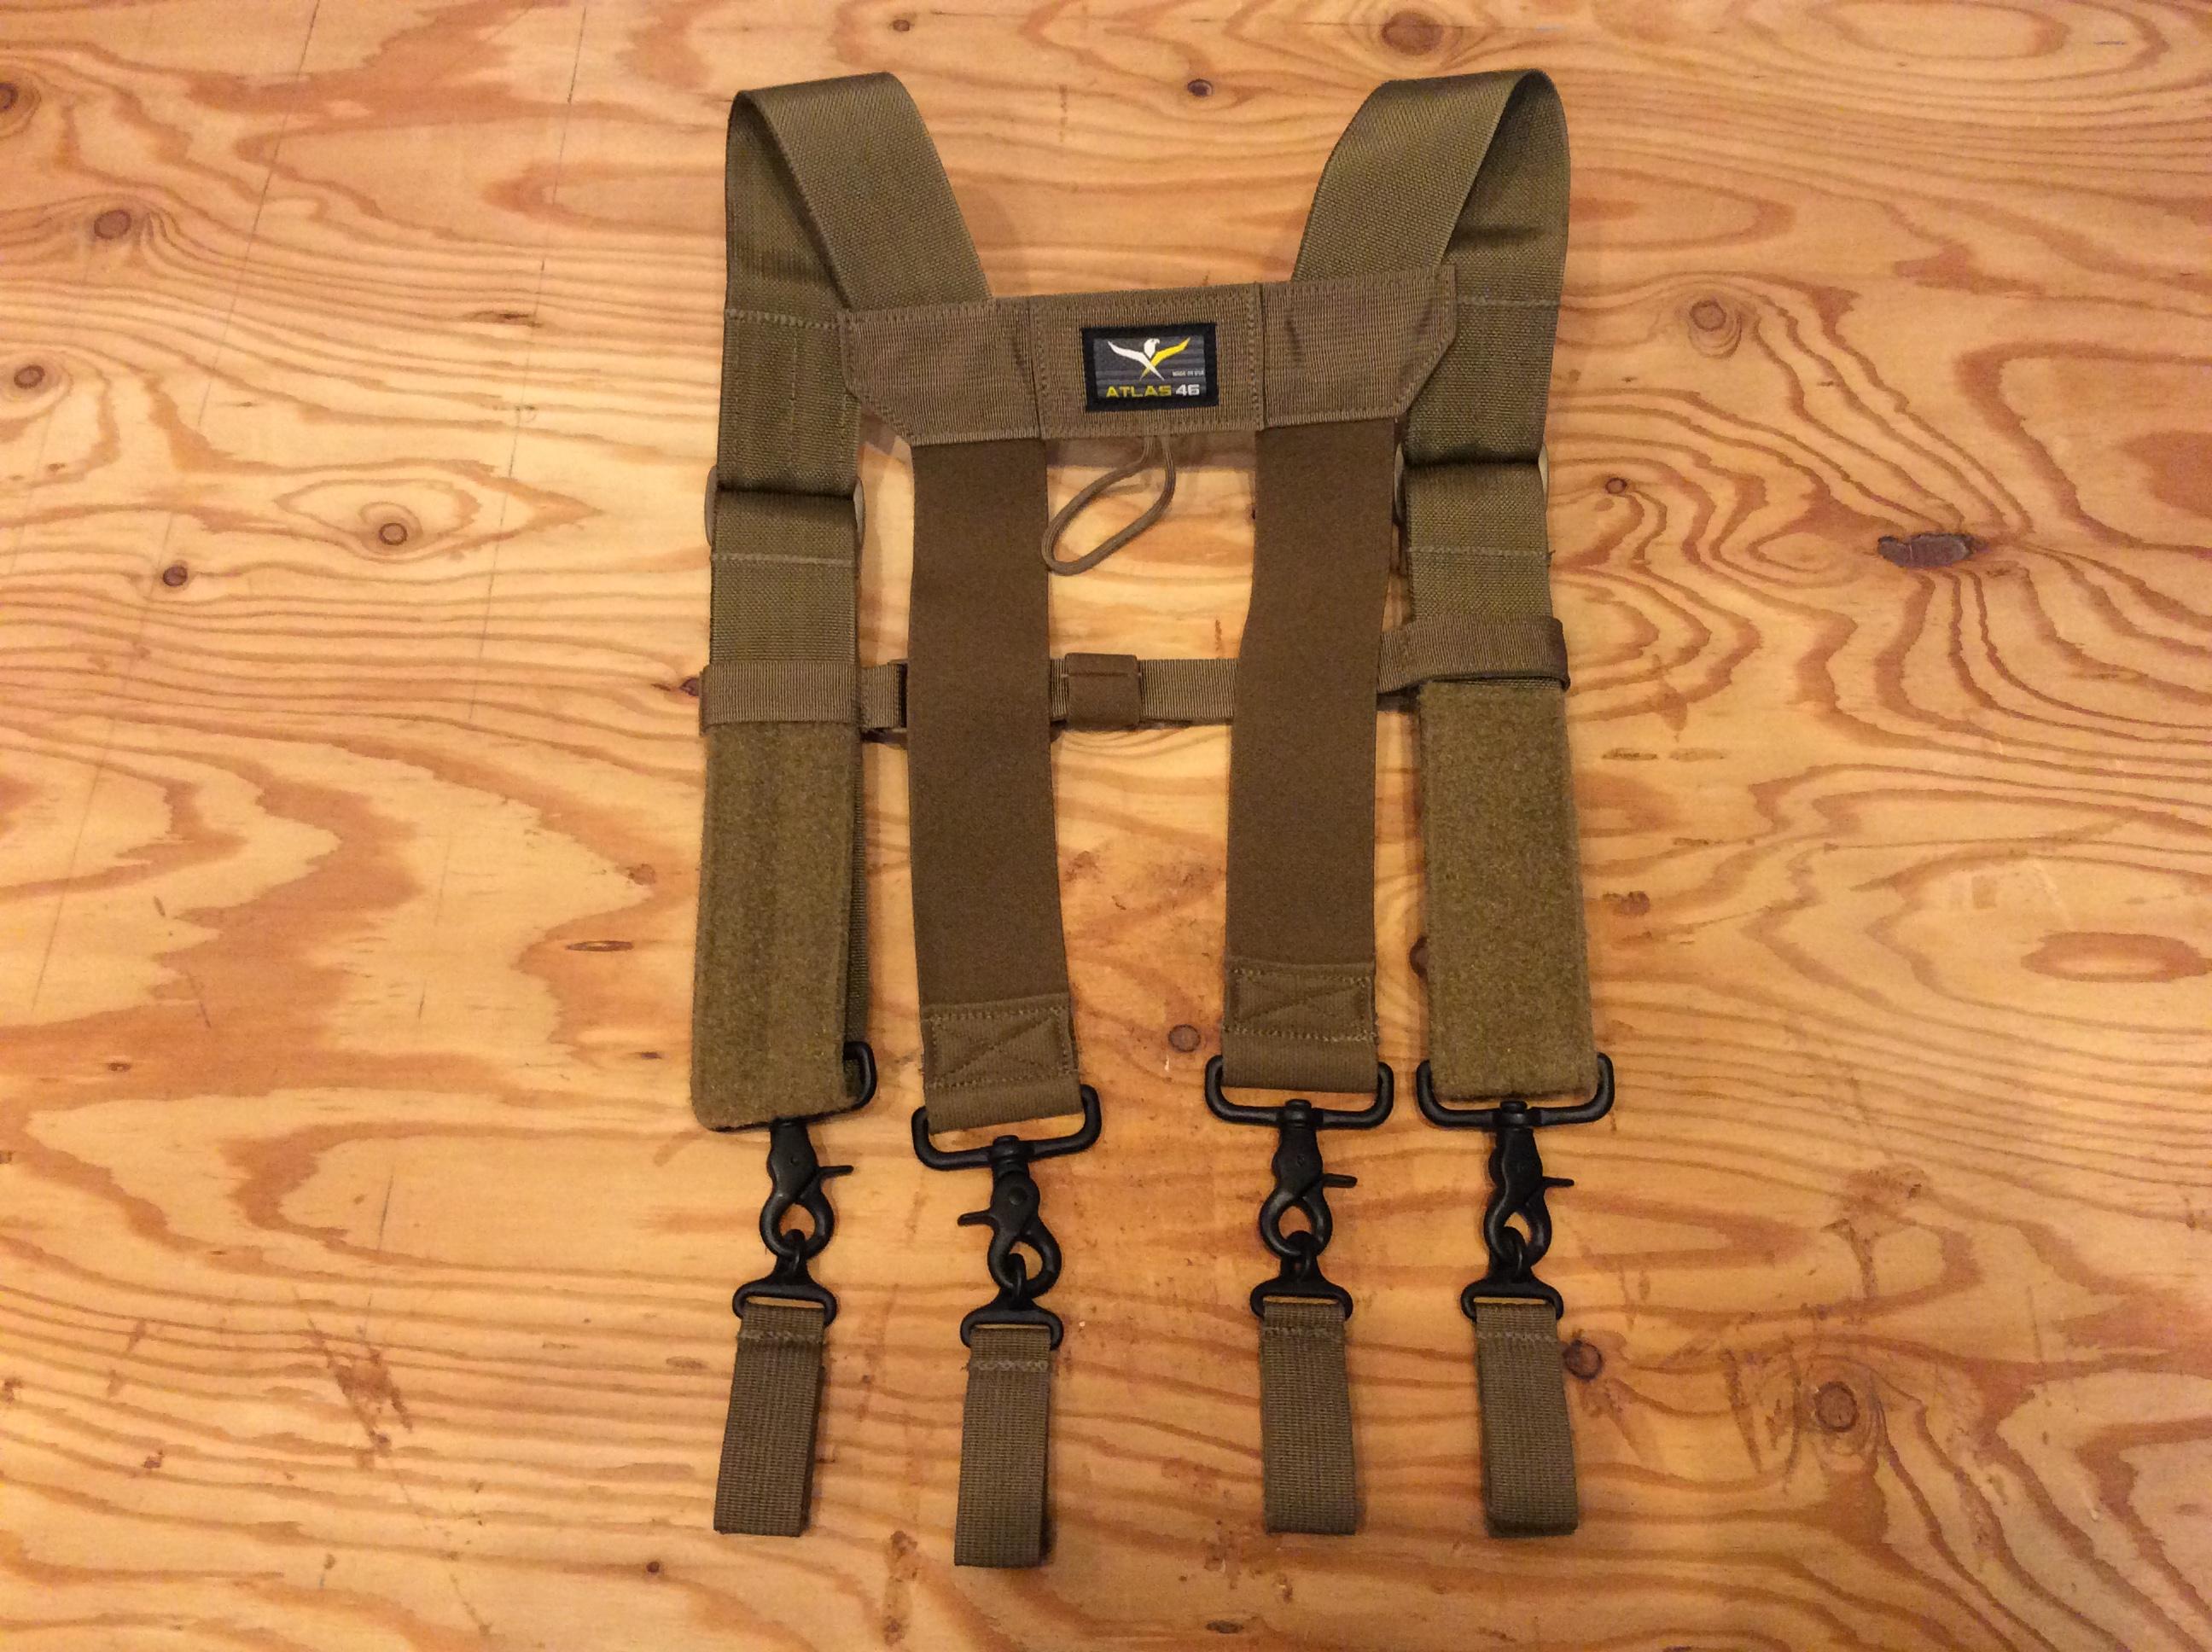 ATLAS46 24∕7 Comfort-Tuff™ Suspenders Heavy Duty /COLOR COYOTE